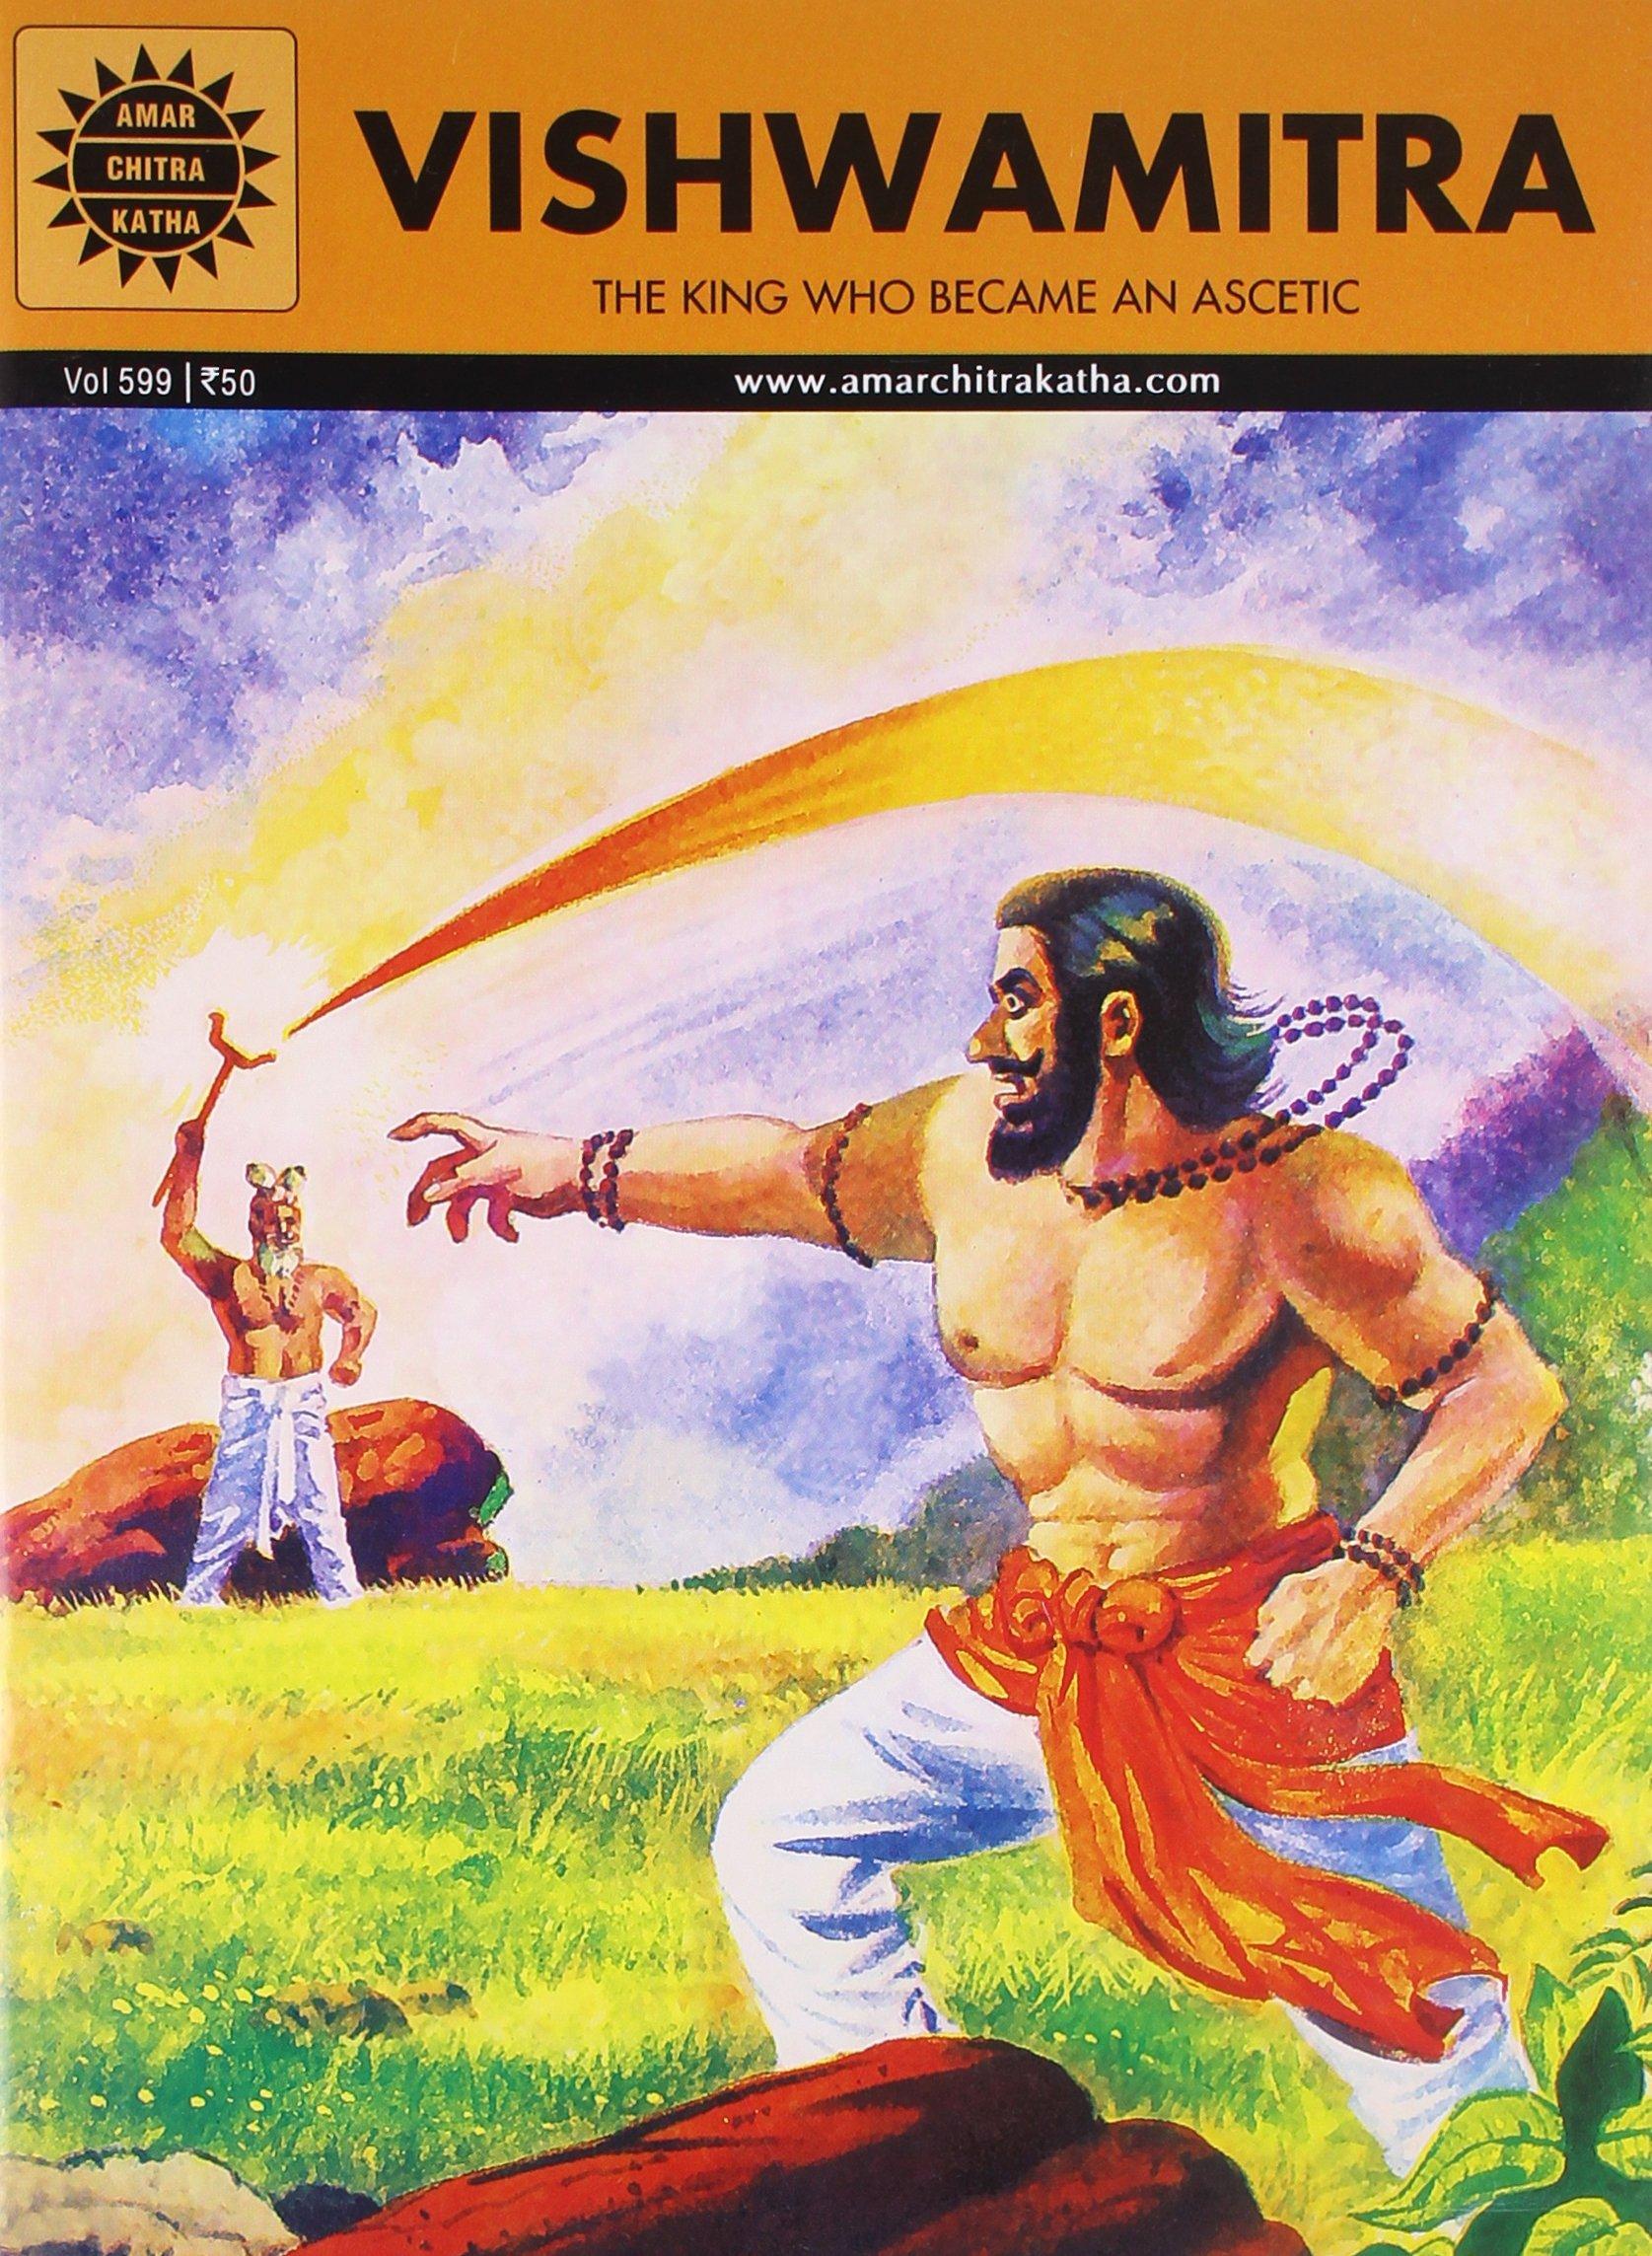 Amazon In Buy Vishwamitra Amar Chitra Katha Book Online At Low Prices In India Vishwamitra Amar Chitra Katha Reviews Ratings